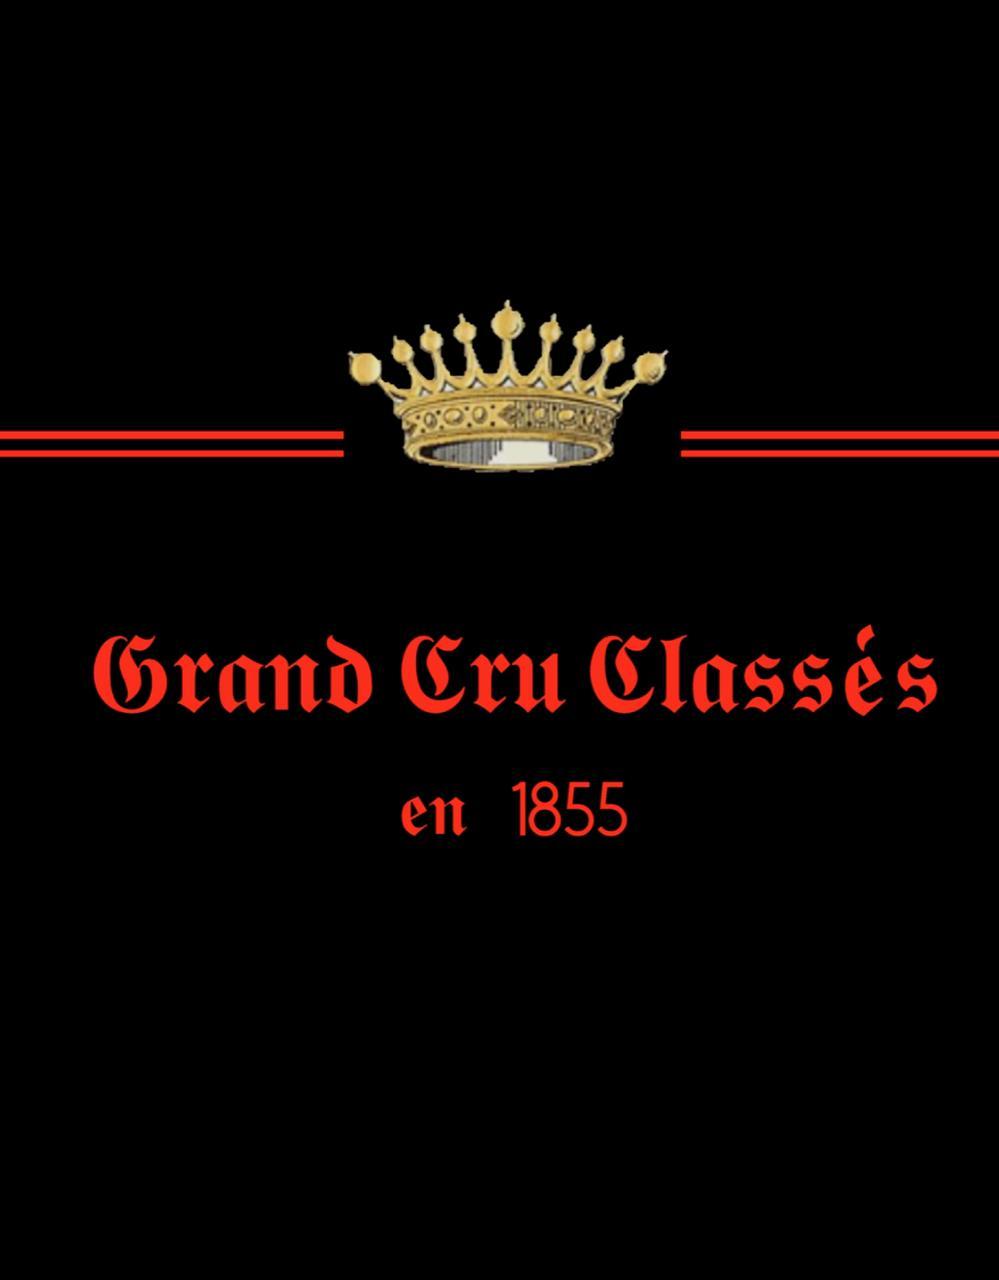 Grand Cru Classés